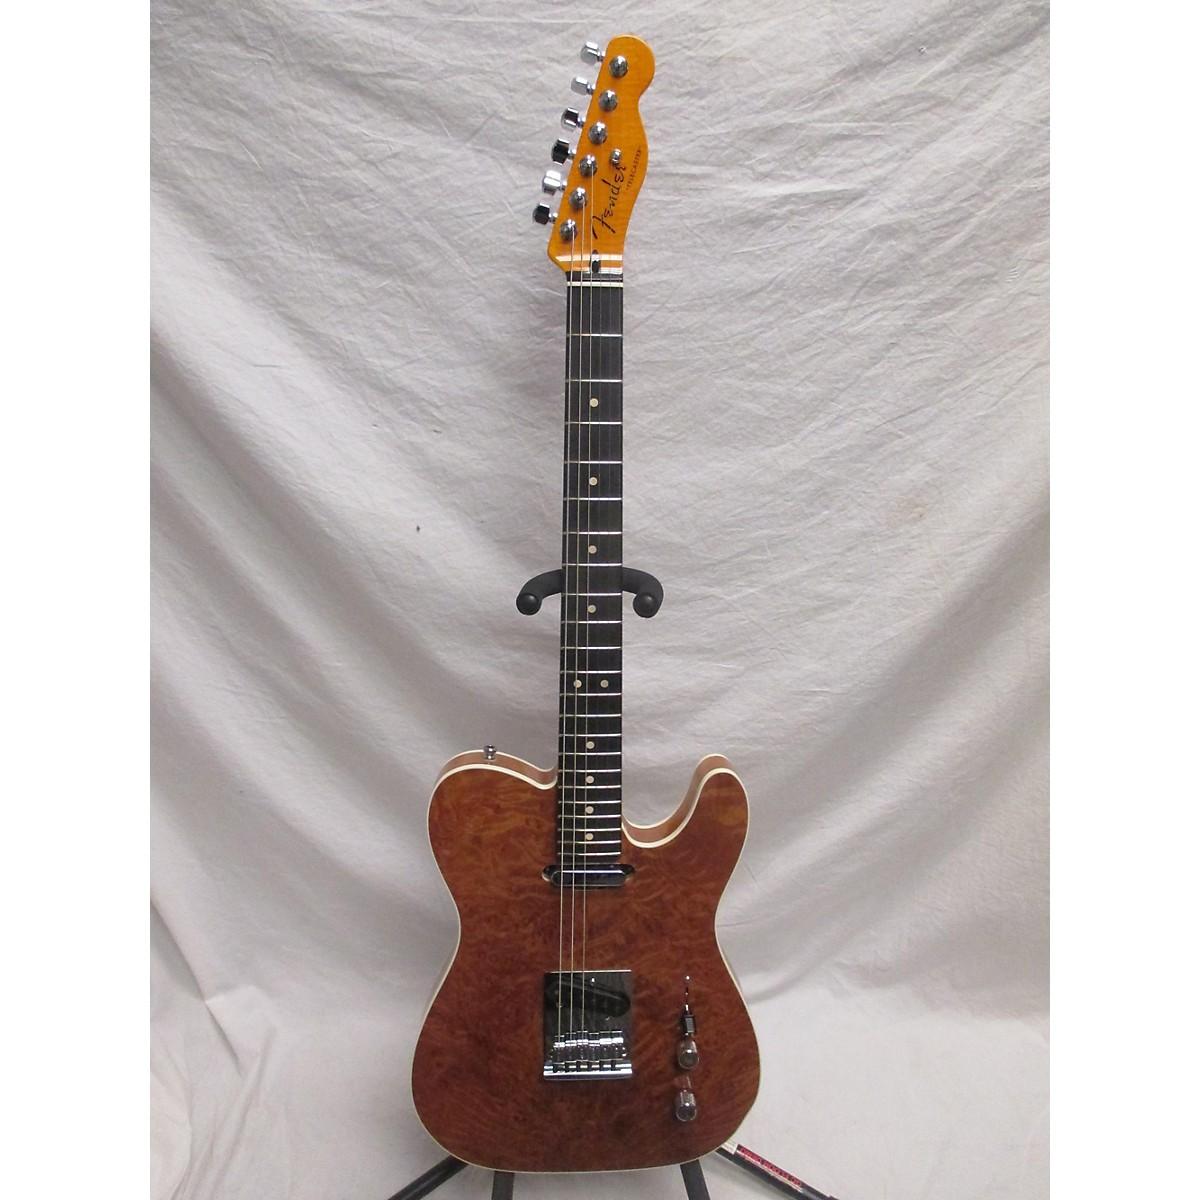 Fender Custom Shop NOS Telecaster Solid Body Electric Guitar